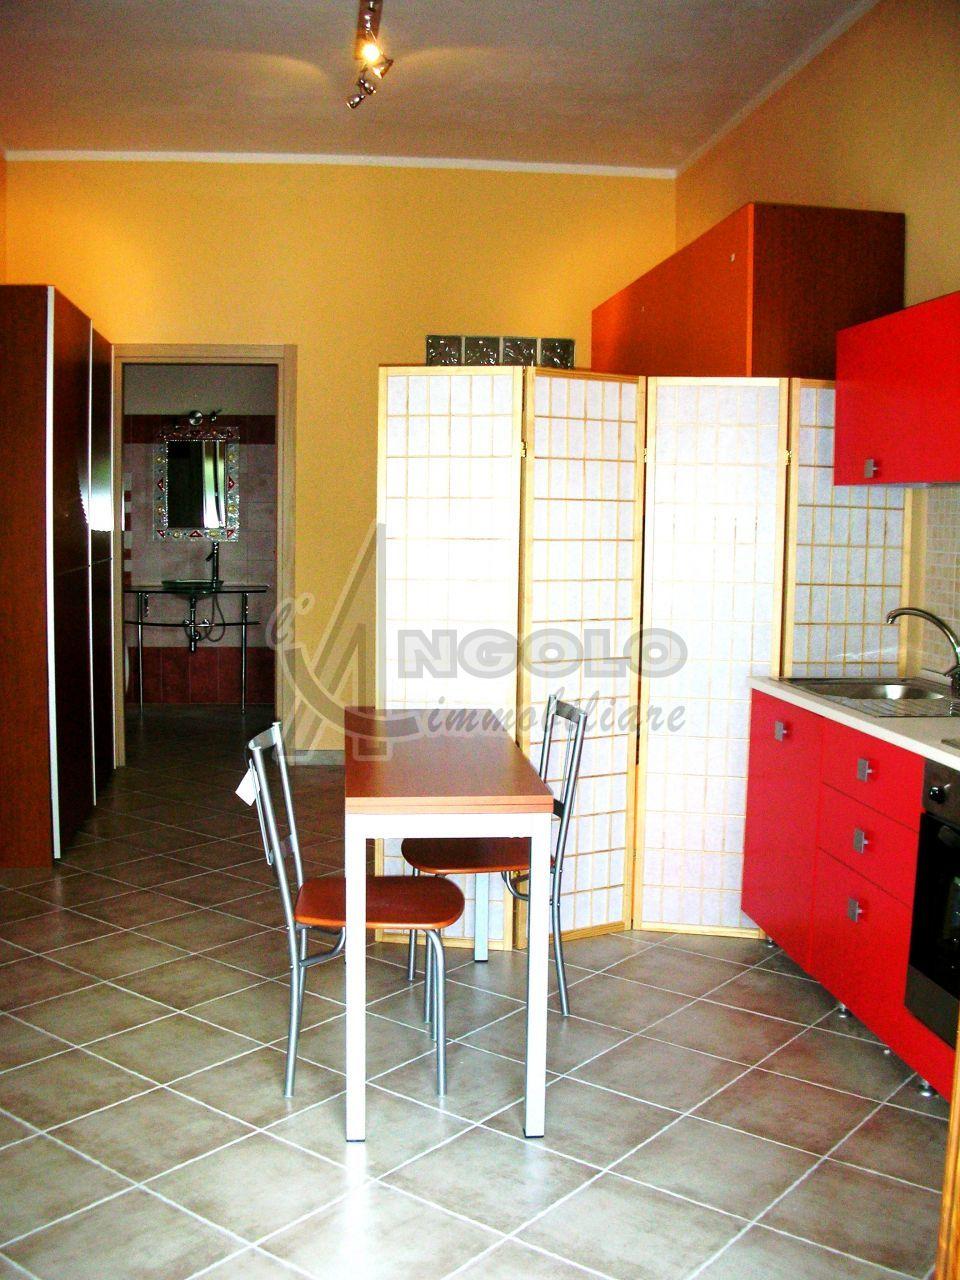 Appartamento in vendita a Occhiobello, 1 locali, prezzo € 60.000 | Cambio Casa.it